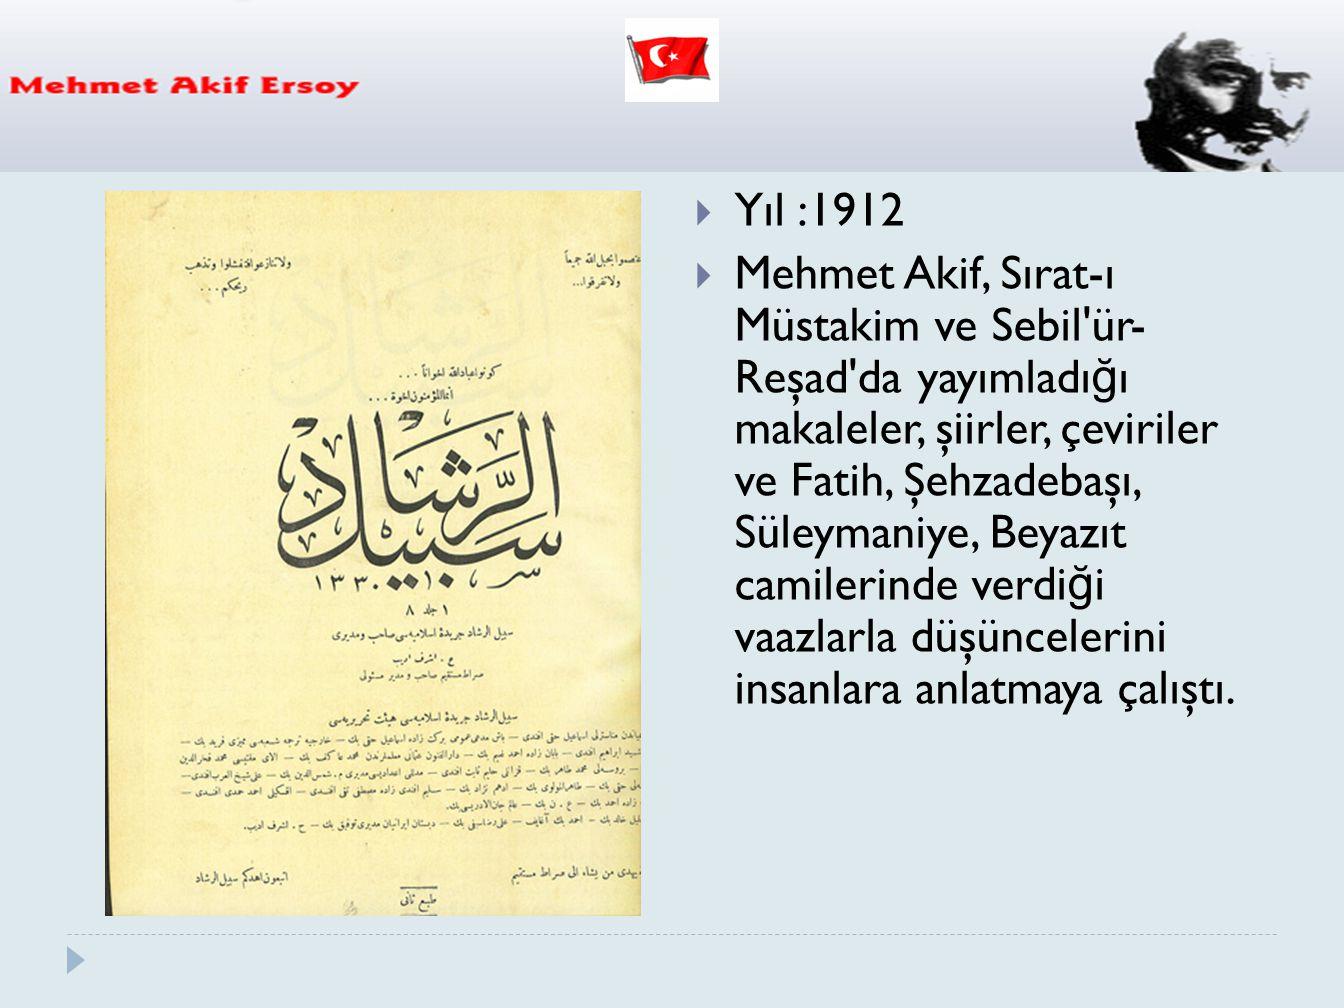  Yıl :1912  Mehmet Akif, Sırat-ı Müstakim ve Sebil'ür- Reşad'da yayımladı ğ ı makaleler, şiirler, çeviriler ve Fatih, Şehzadebaşı, Süleymaniye, Beya